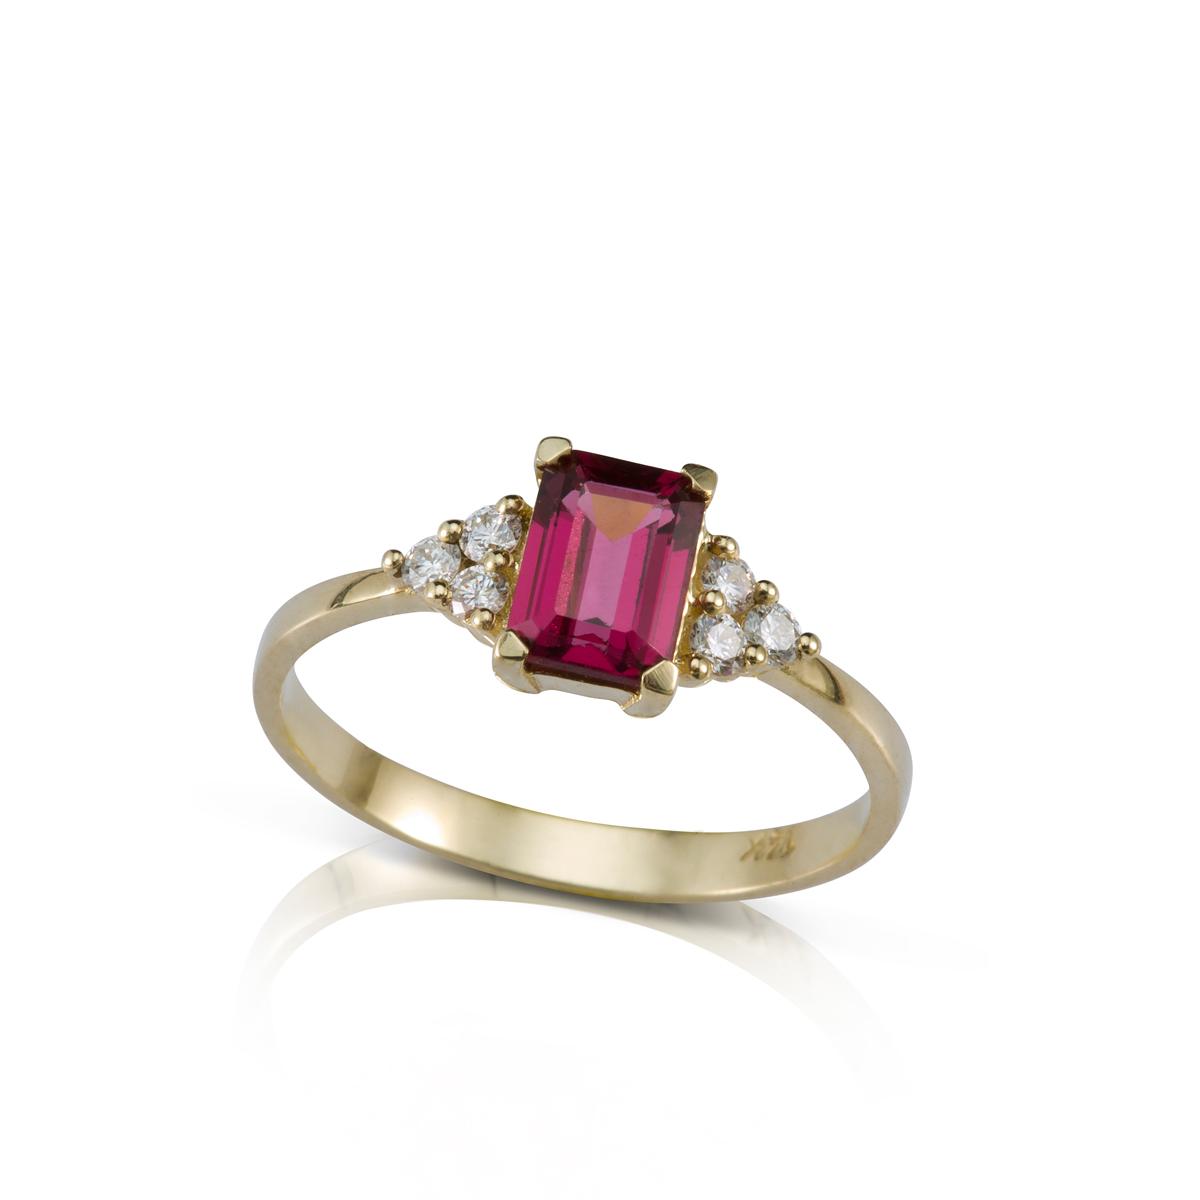 טבעת אירוסין משובצת רודולייט מלבנית ו-6 יהלומים צדדים